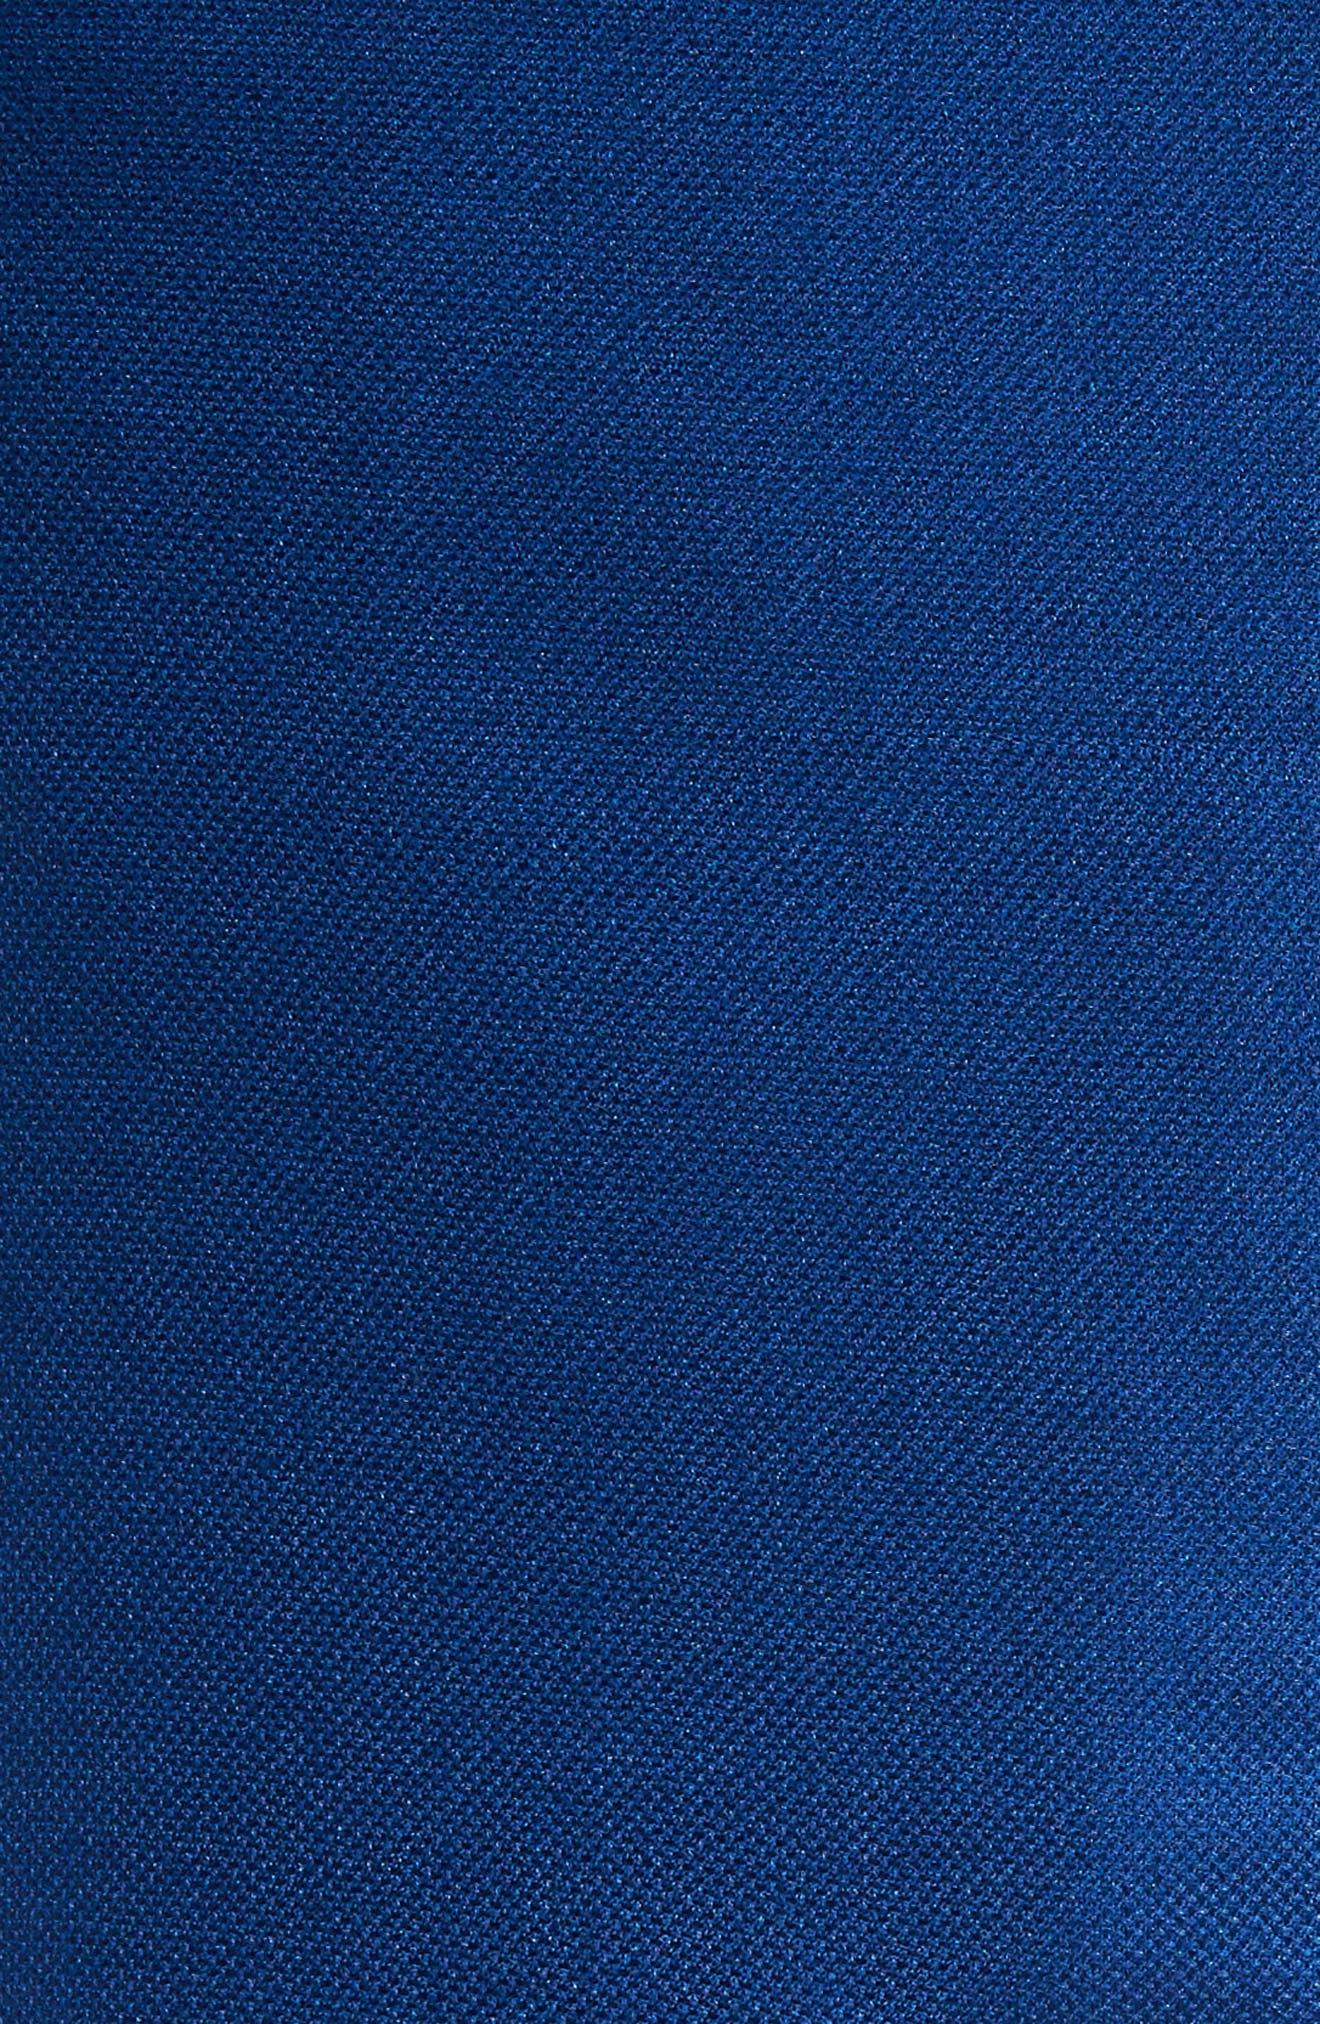 Trim Fit Cashmere & Silk Blazer,                             Alternate thumbnail 5, color,                             Blue